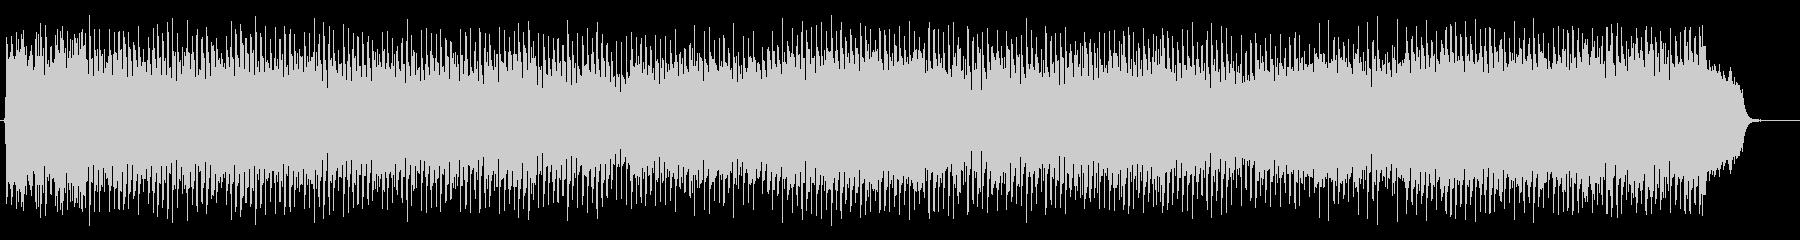 スローミドル8ビートの壮大な卒業ソングの未再生の波形